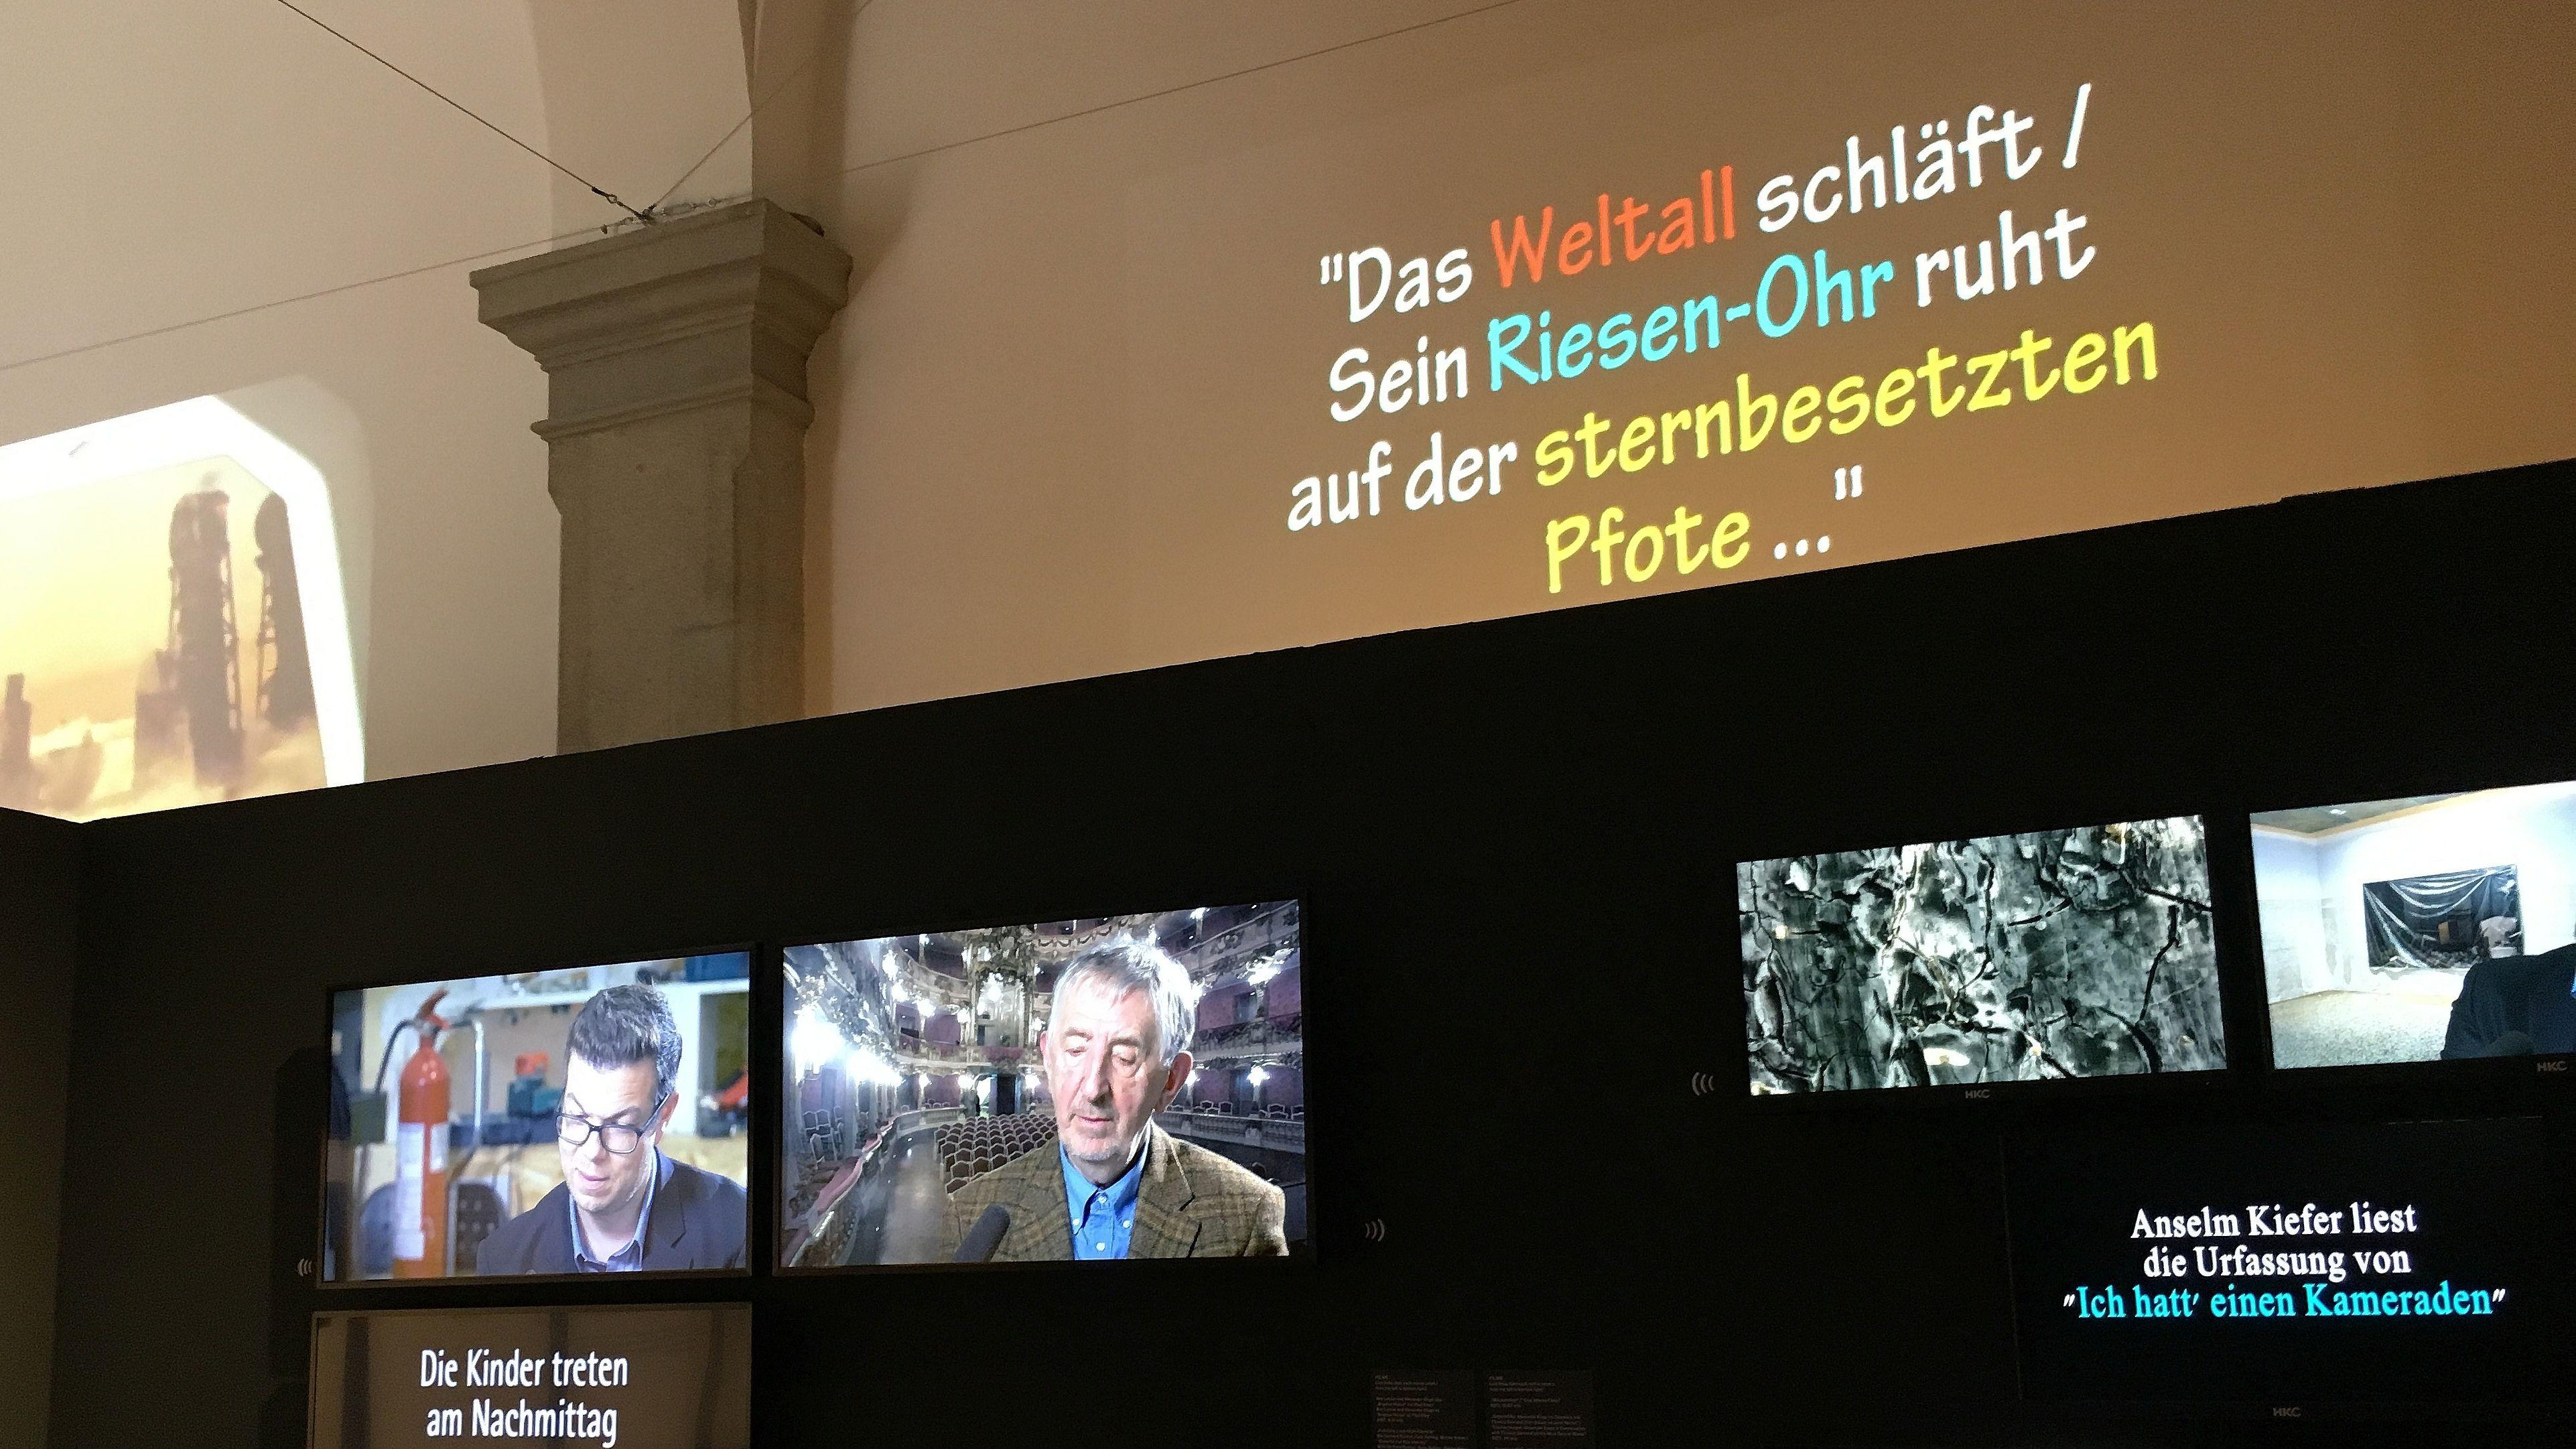 """Vier Monitore mit Interviewpartnern wie dem Dichter Ben Lerner und dem Sprachwissenschaftler Hans Belting und bunte Schrift in Stummfilm-Art: """"Das Weltall schläft. Sein Riesen-Ohr ruht"""""""